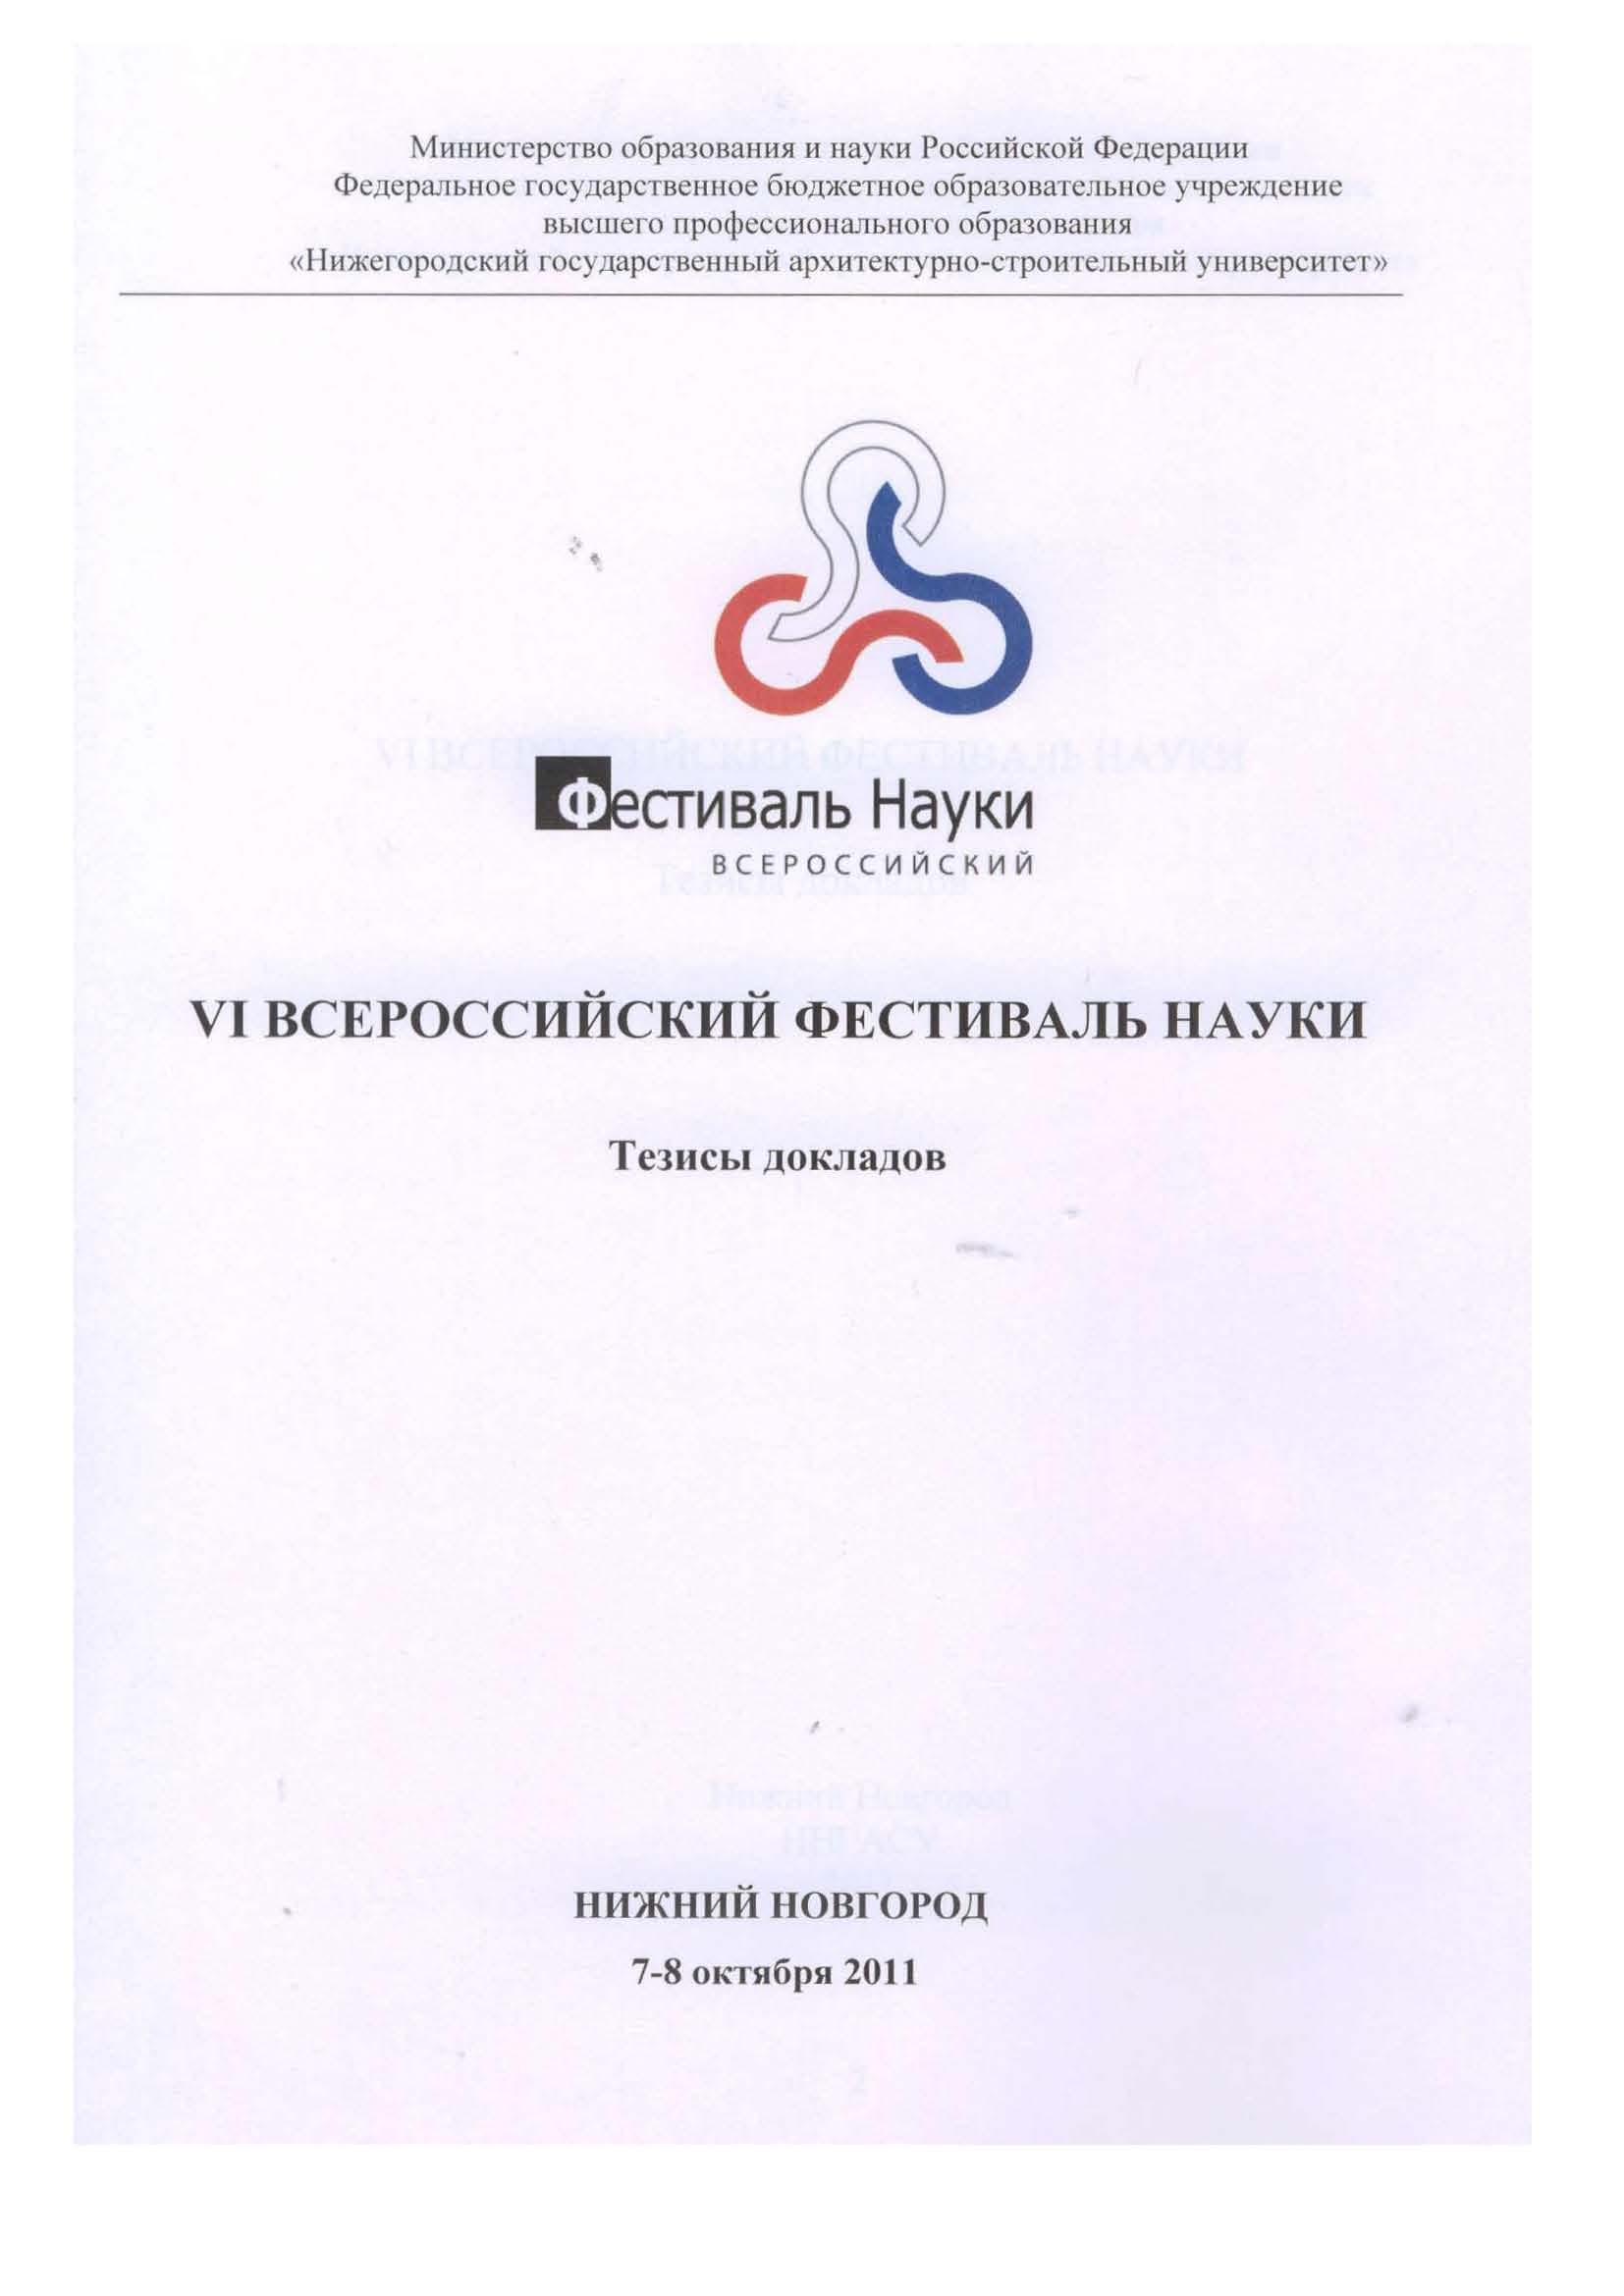 VI Всероссийский фестиваль науки: тезисы докладов